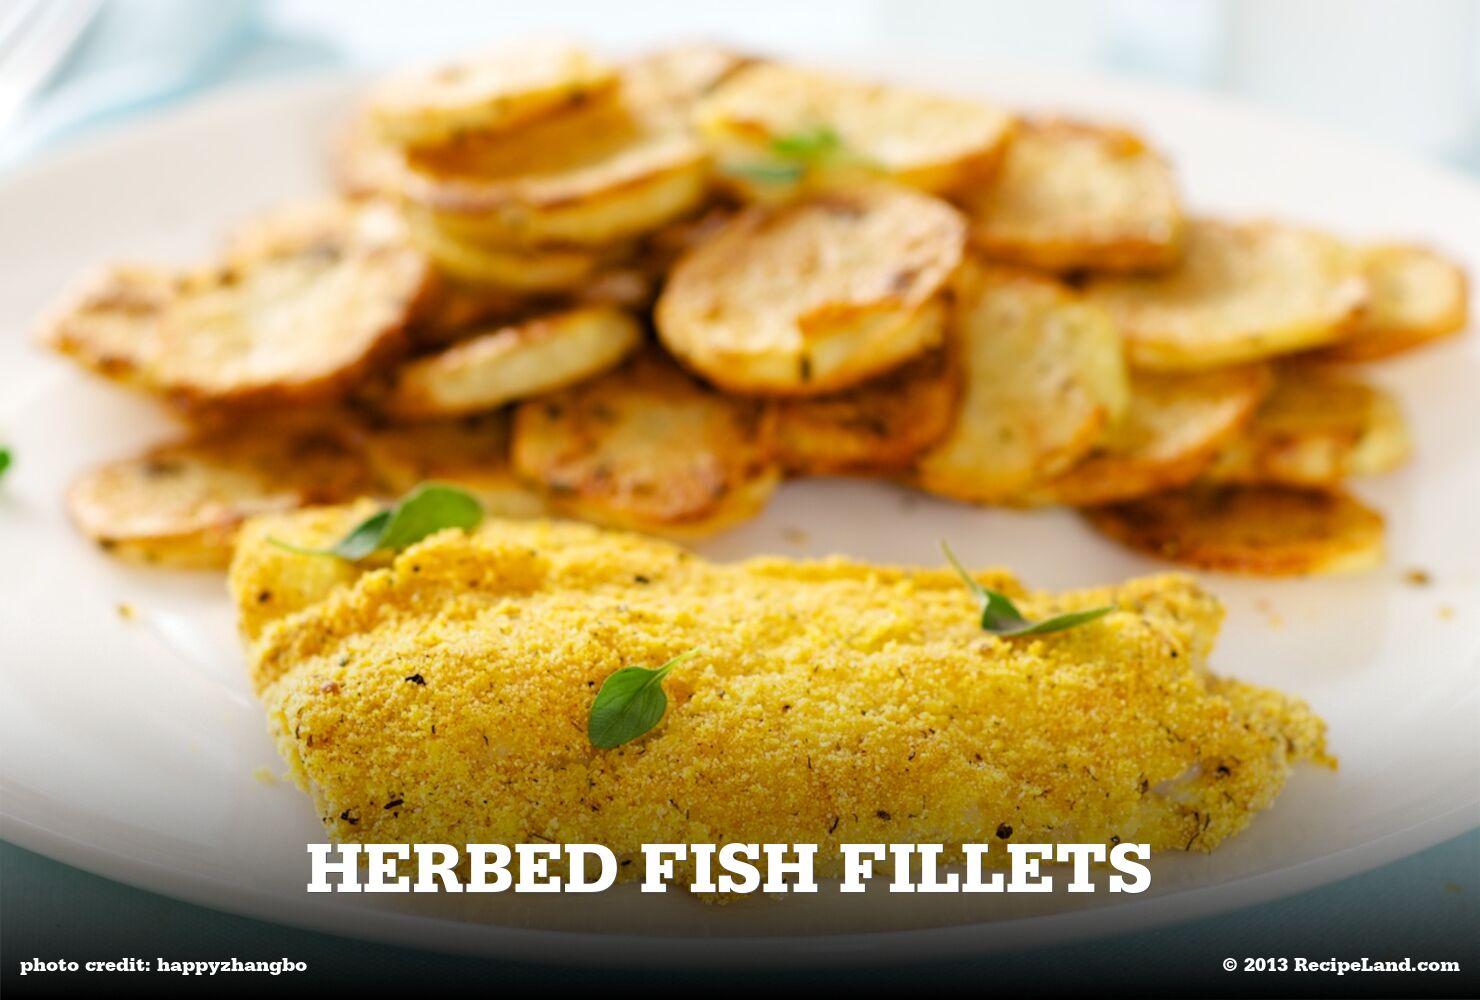 Herbed Fish Fillets